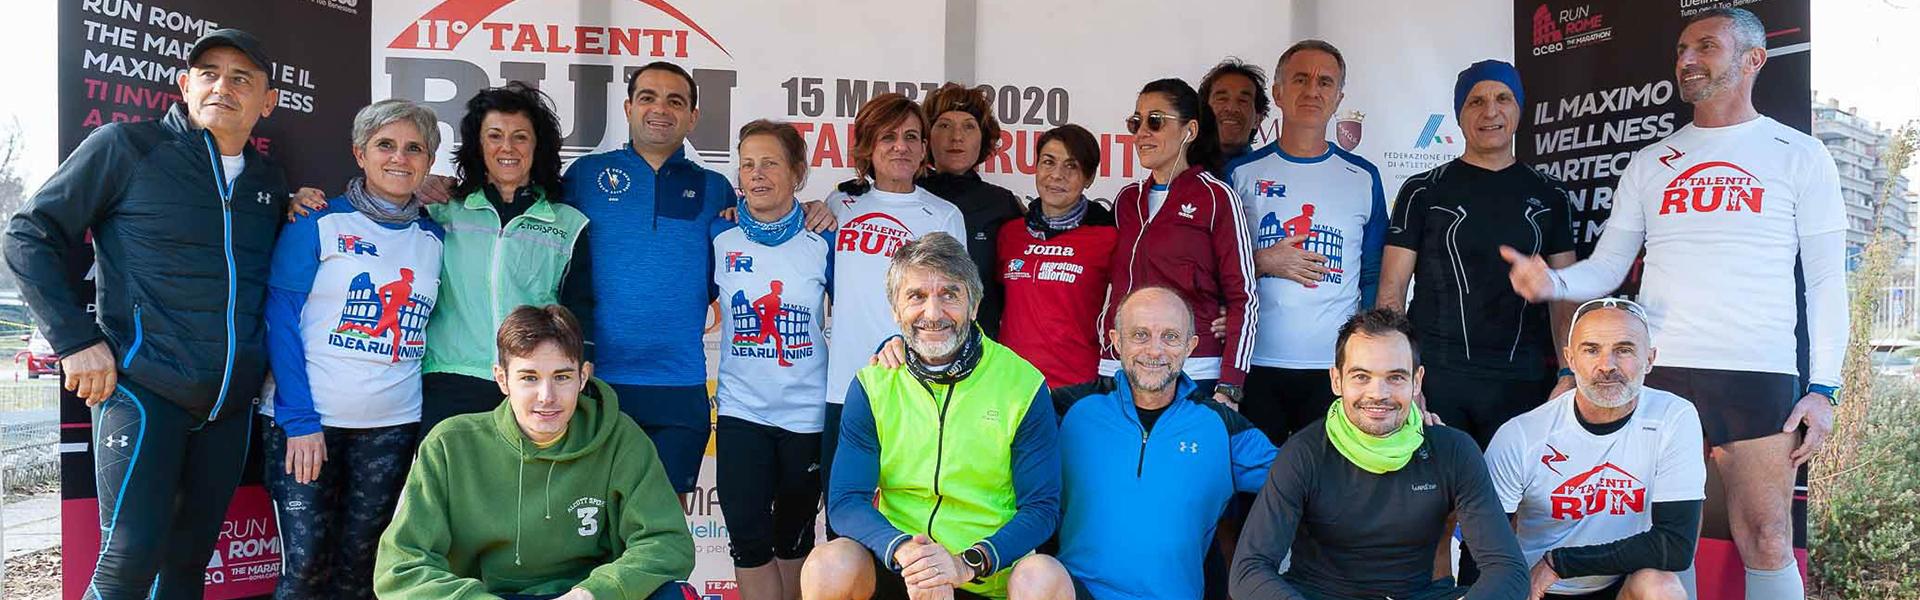 Sport, benessere e Acea Run Rome The Marathon nei circoli di Roma